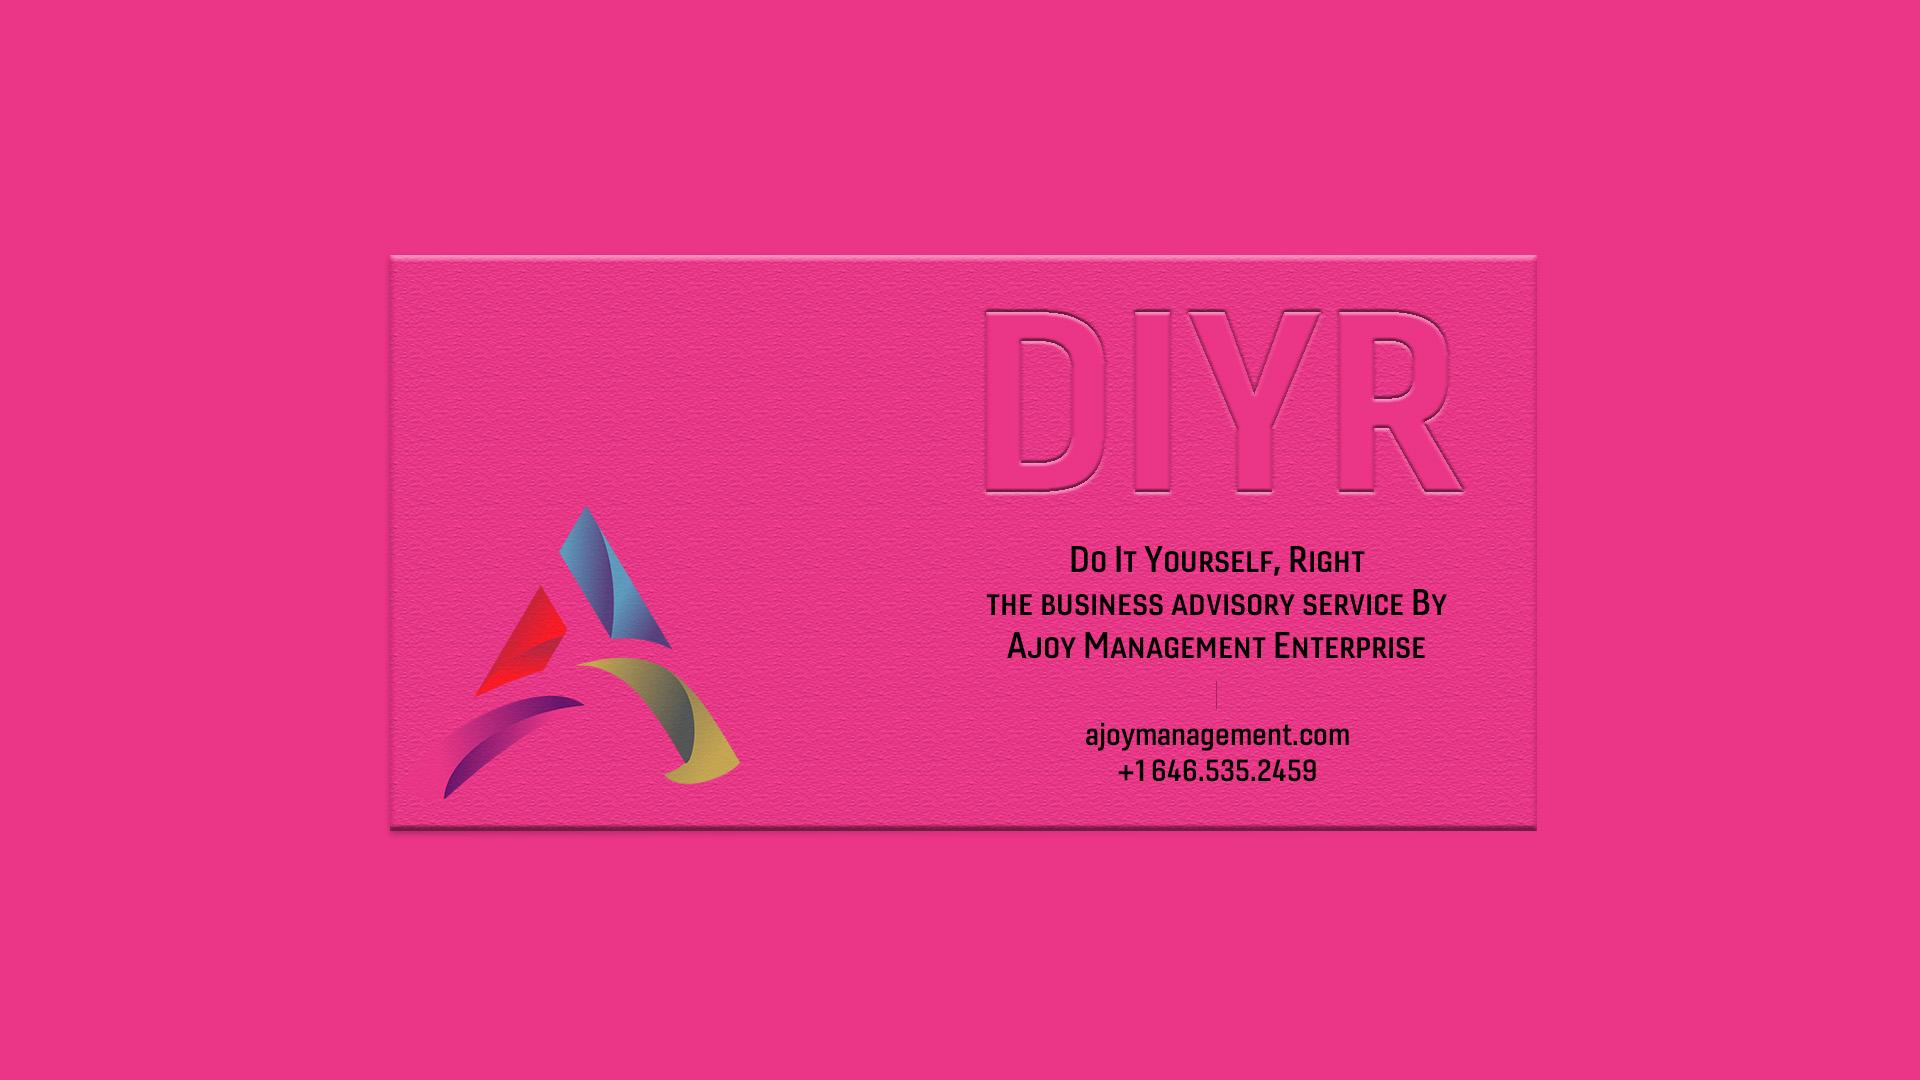 Ajoy DIYR - A1 (HP).jpg